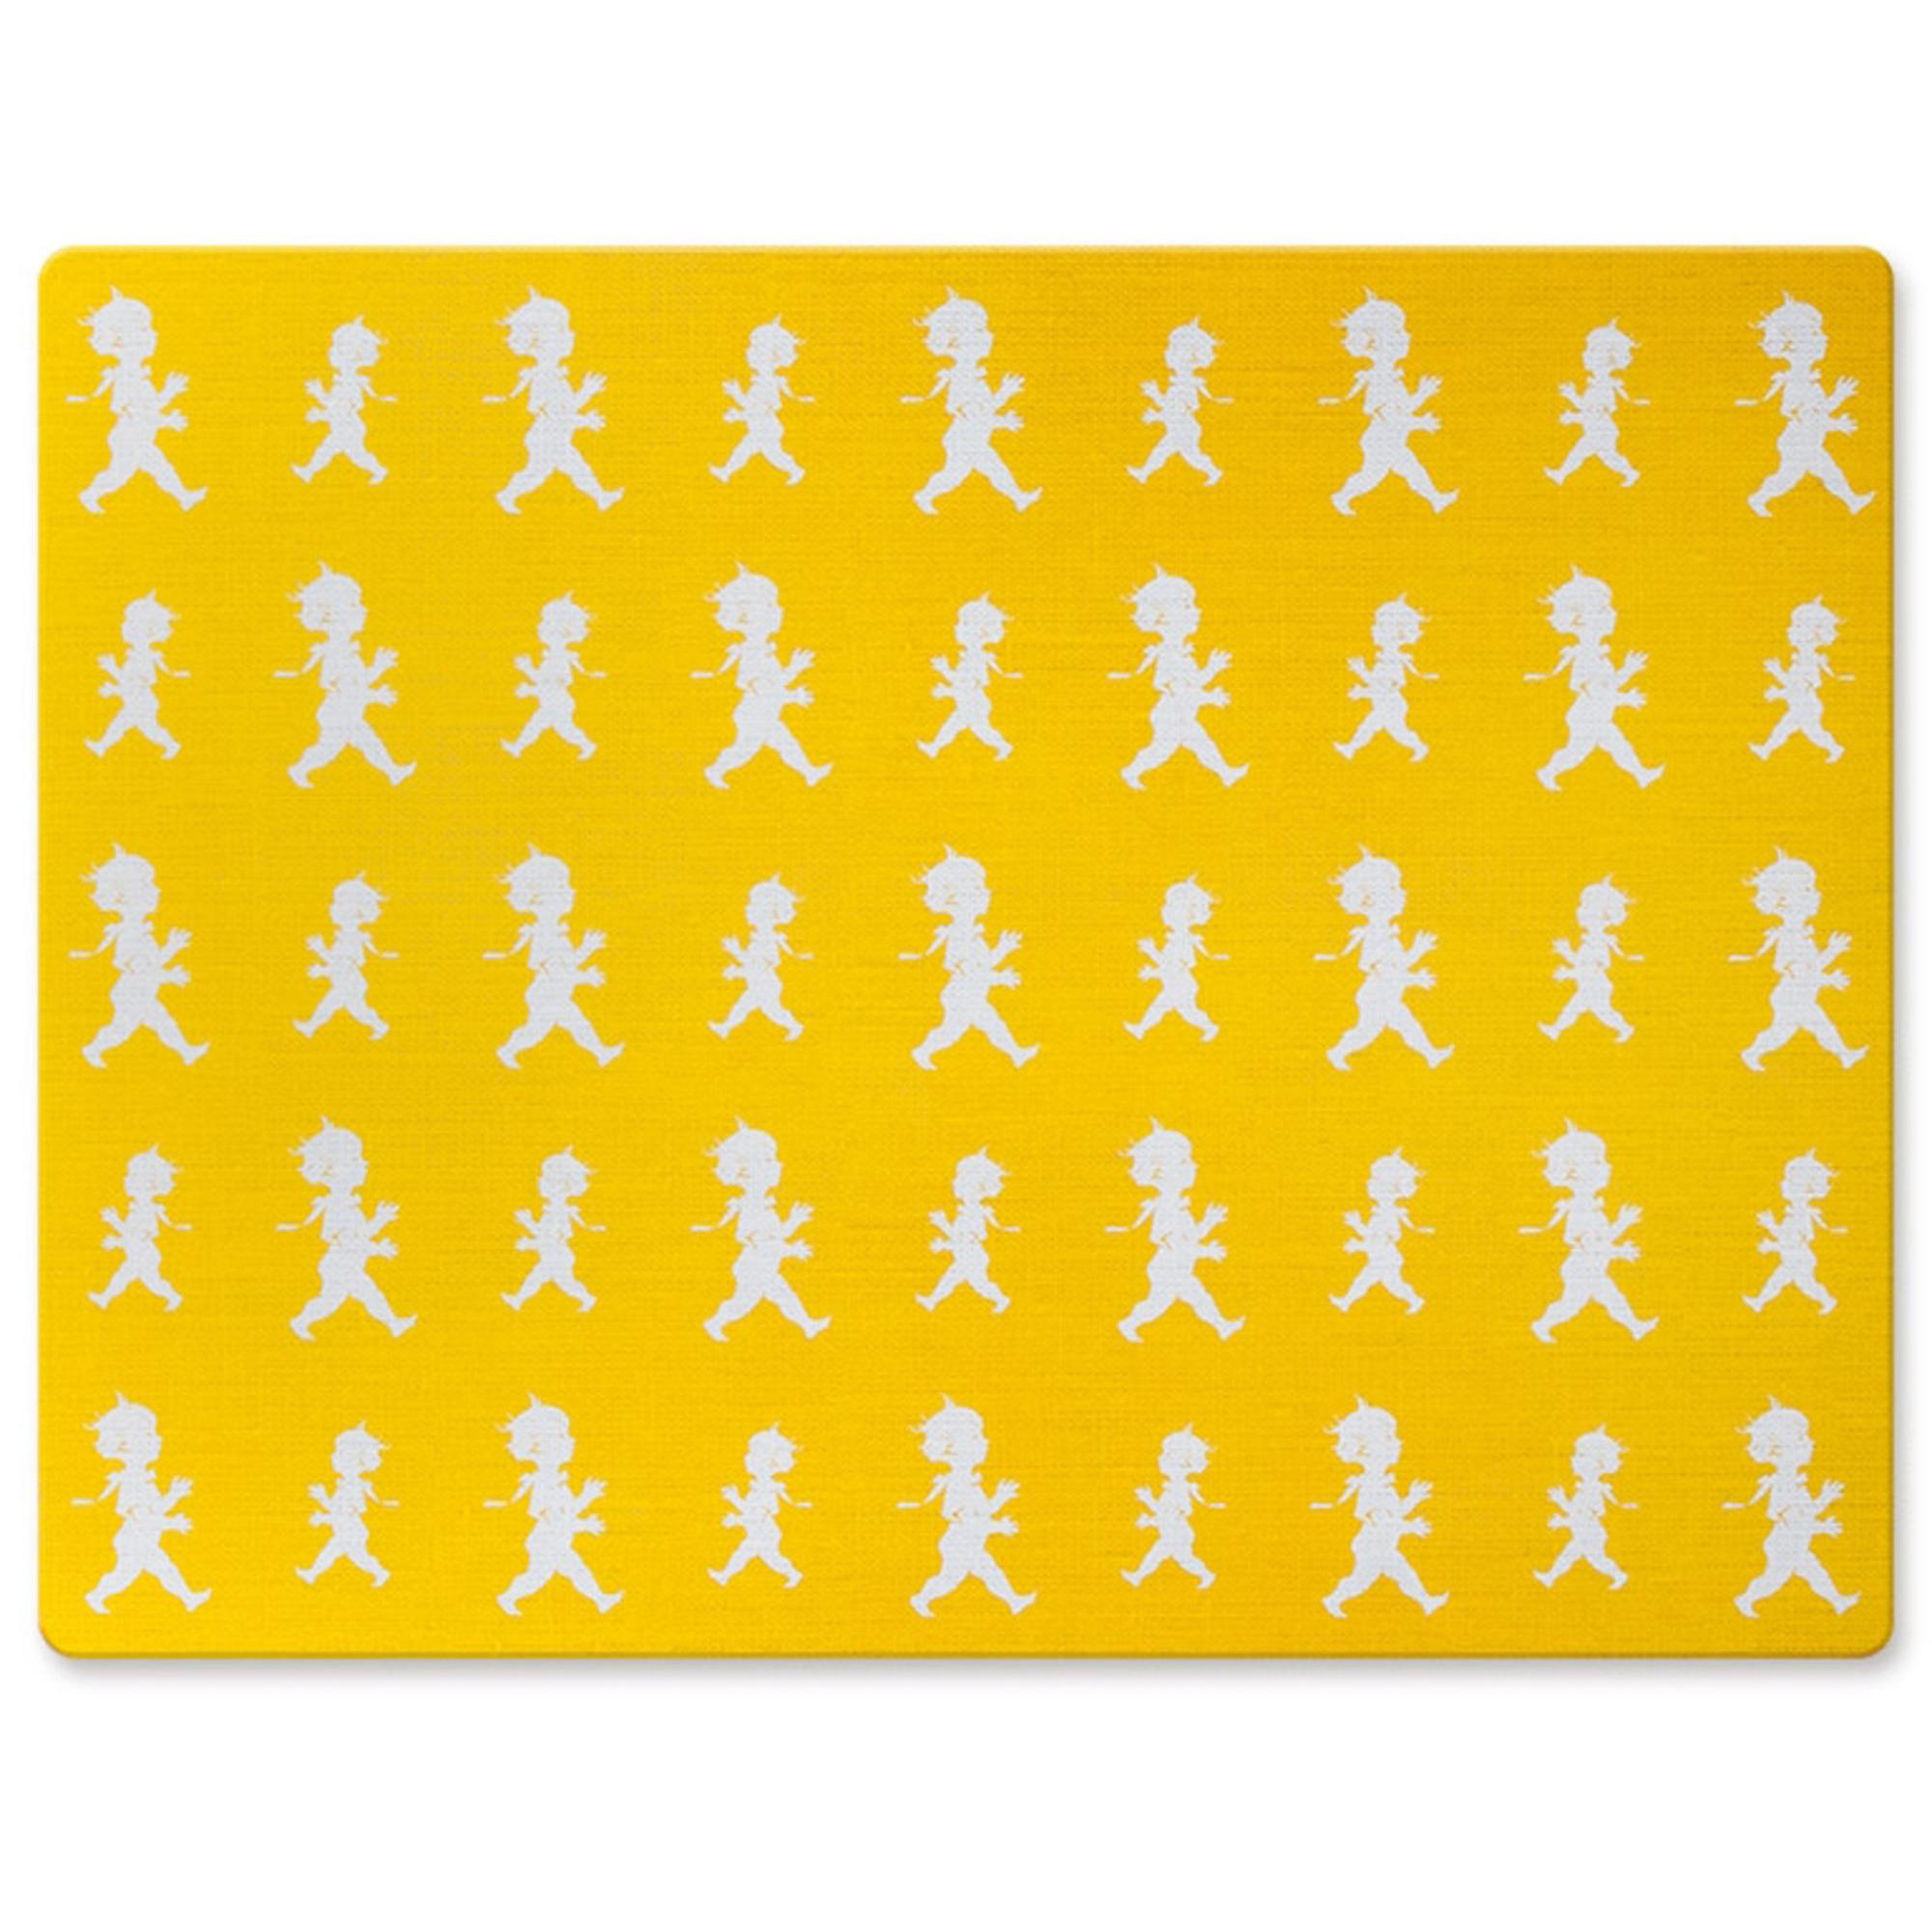 Solstickan Design Bordstablett storlek 30 x 40 cm Färg Gul 4-pack